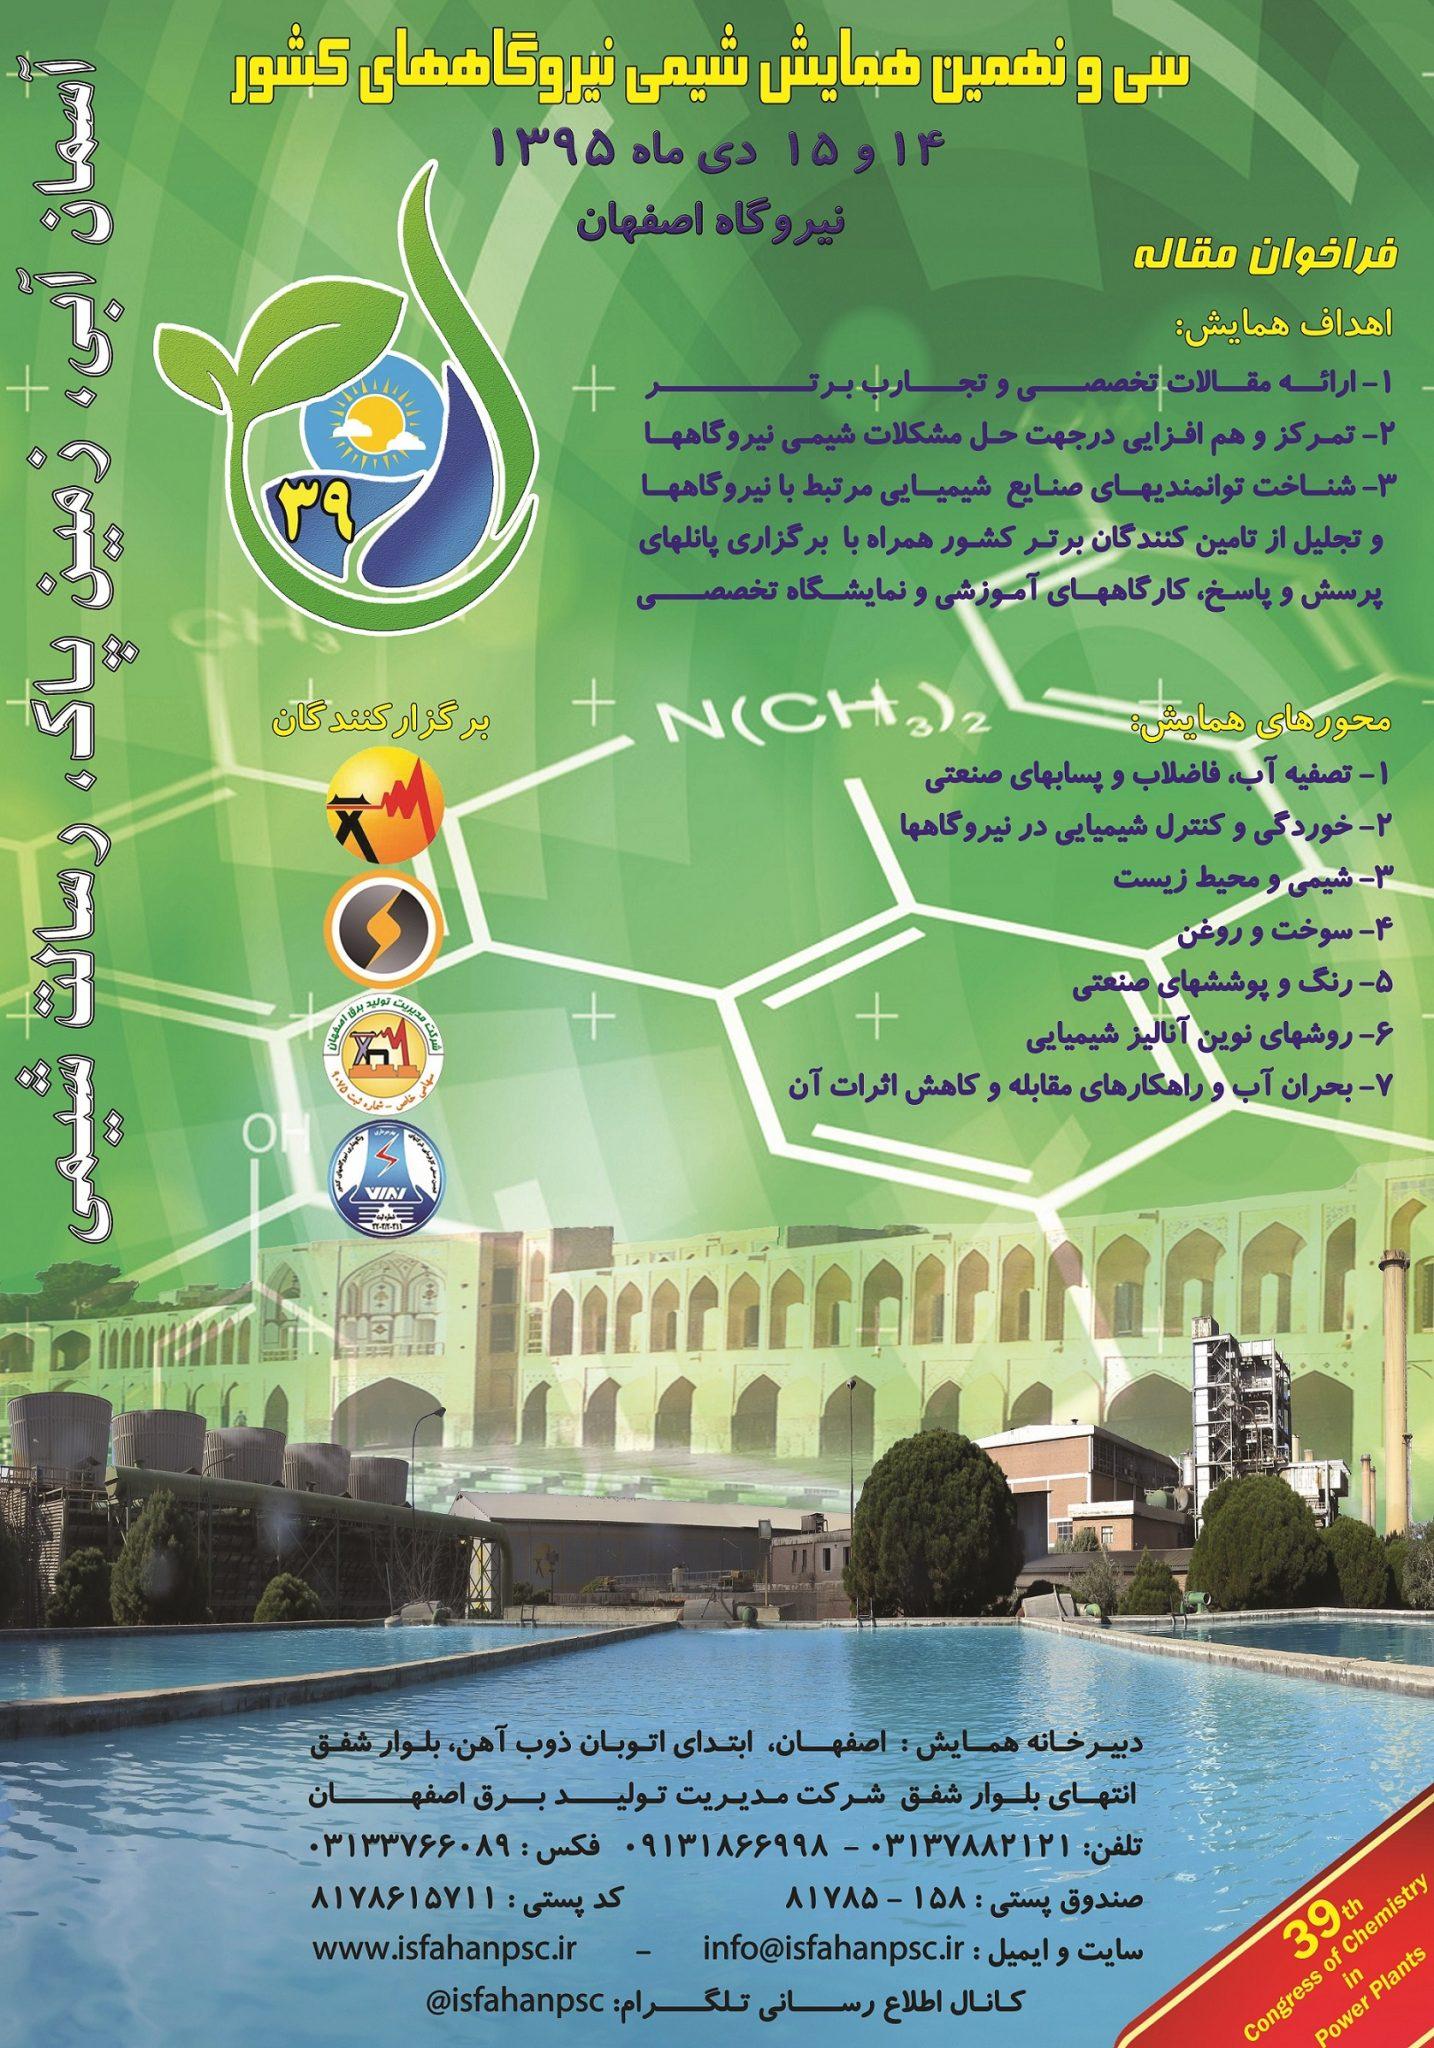 سی و نهمین همایش شیمی نیروگاههای کشور